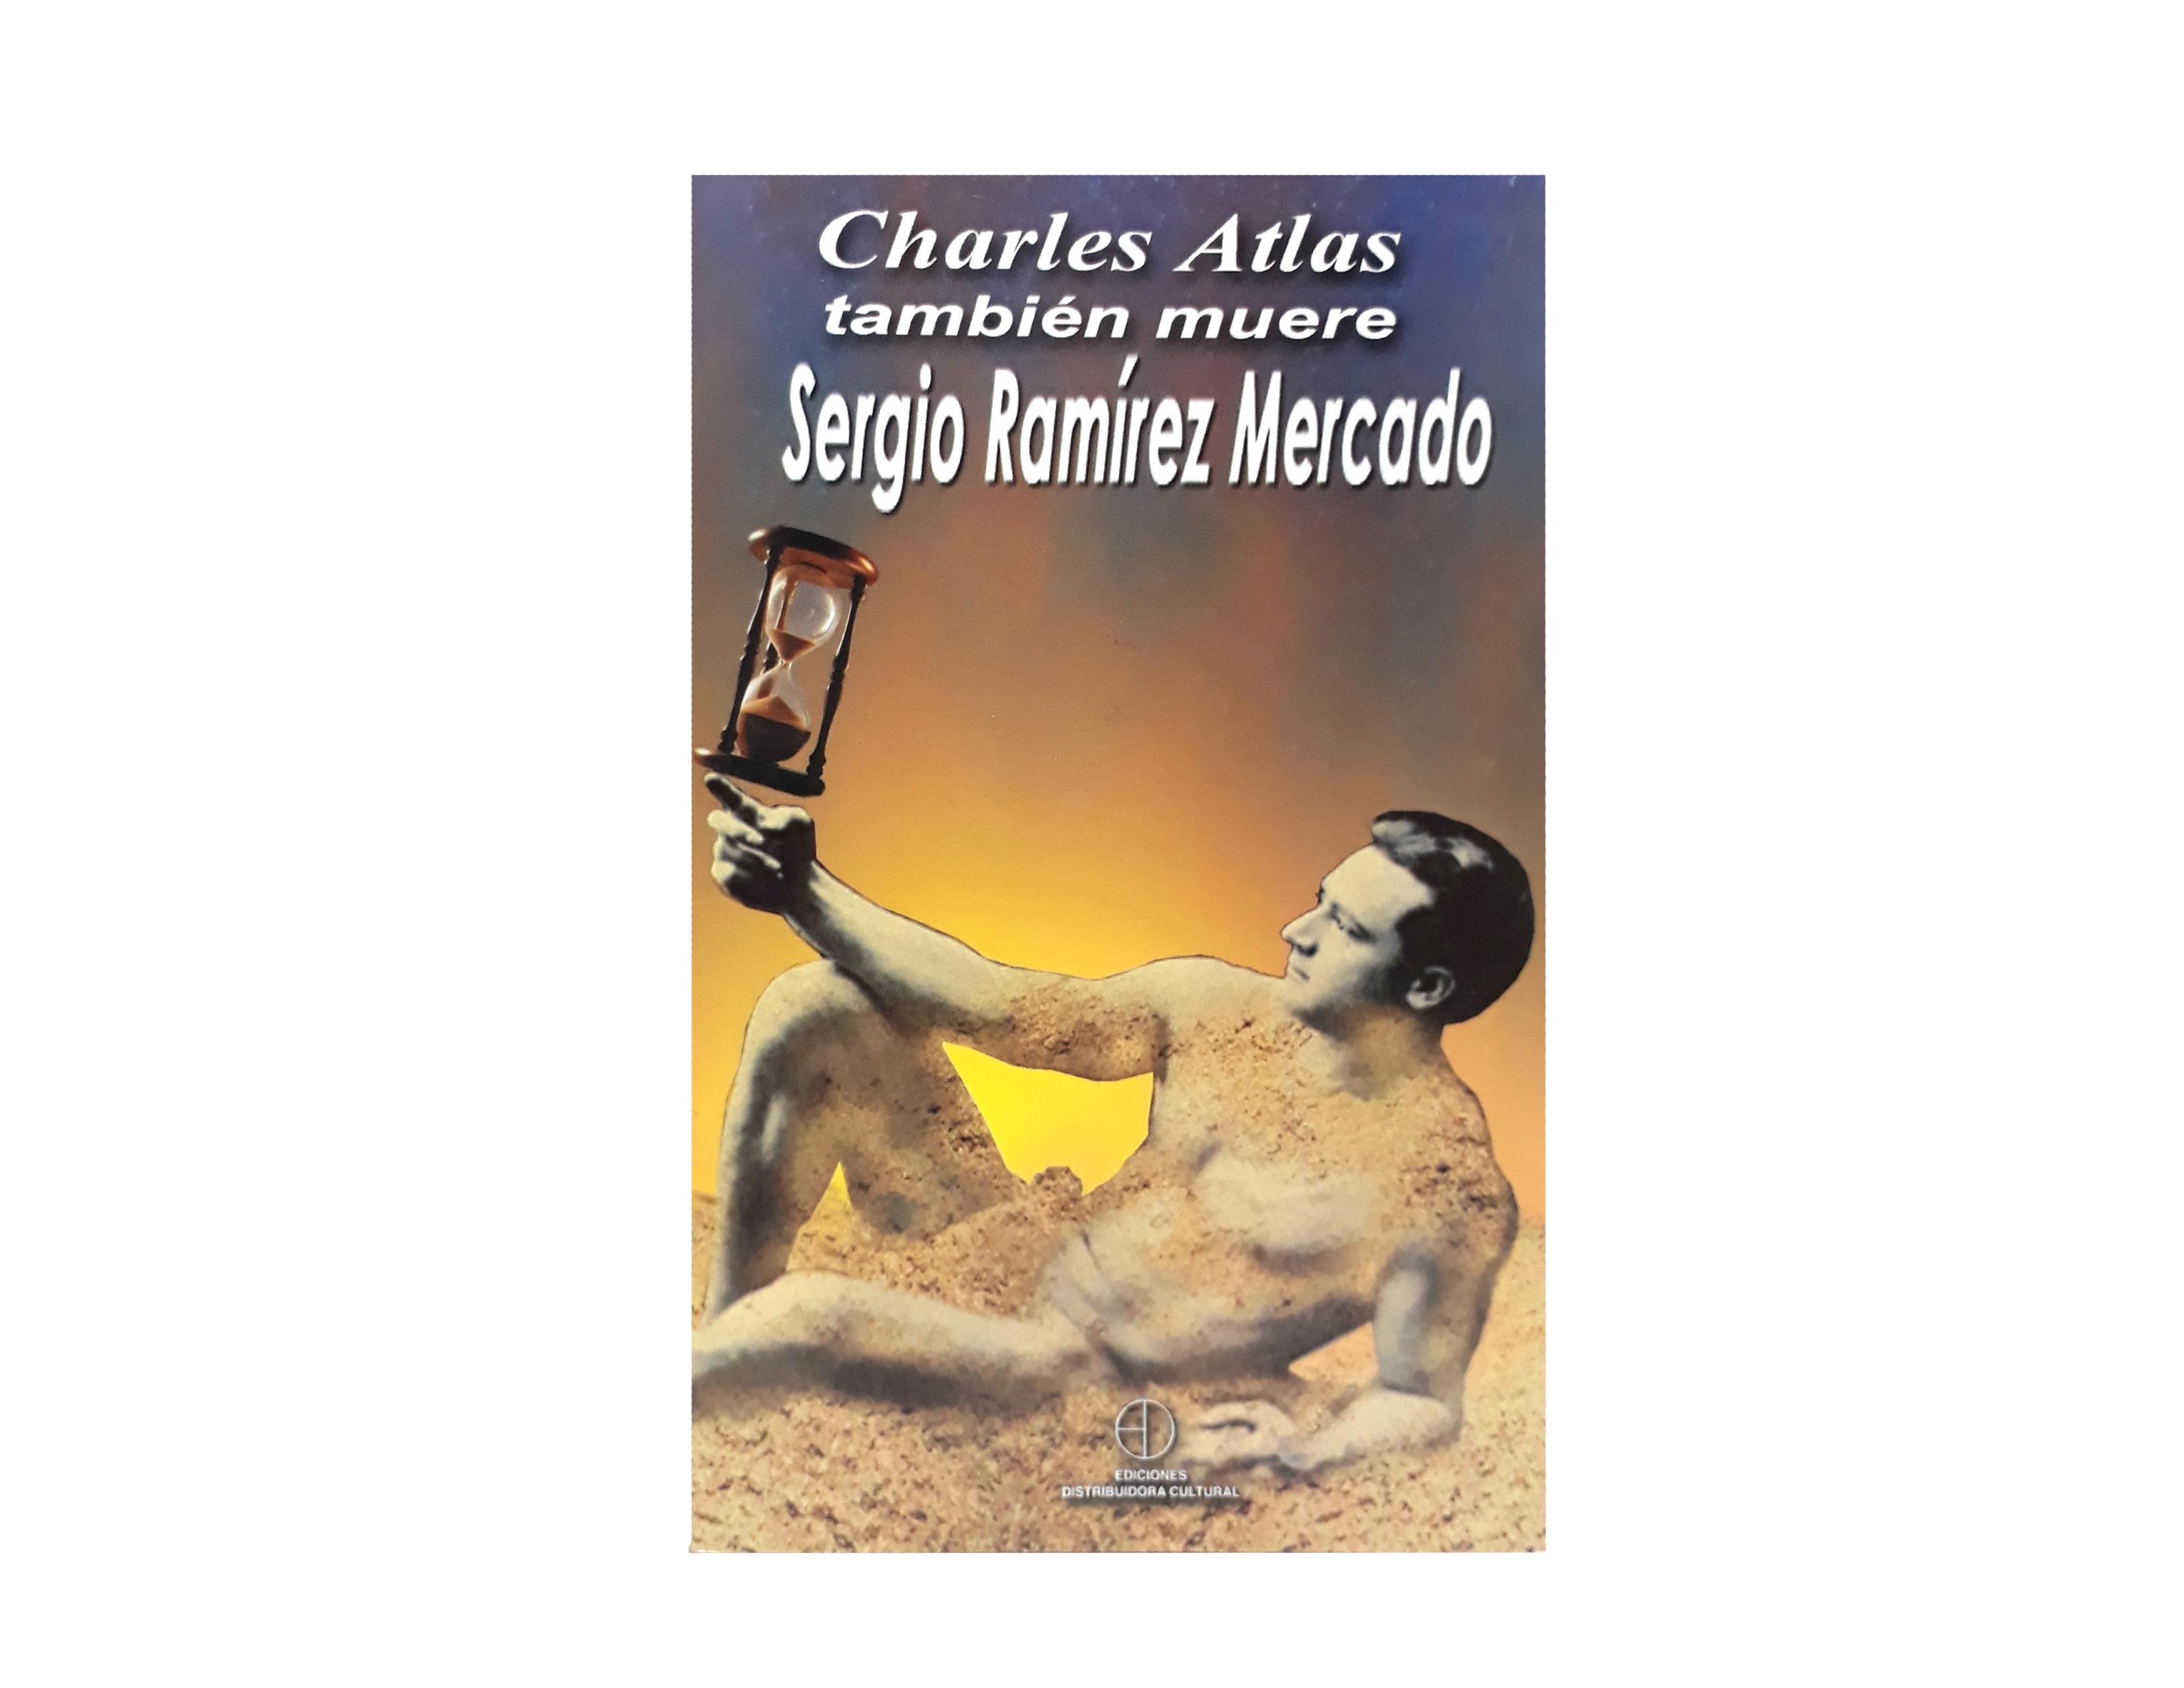 CHARLES ATLAS TAMBIEN MUERE